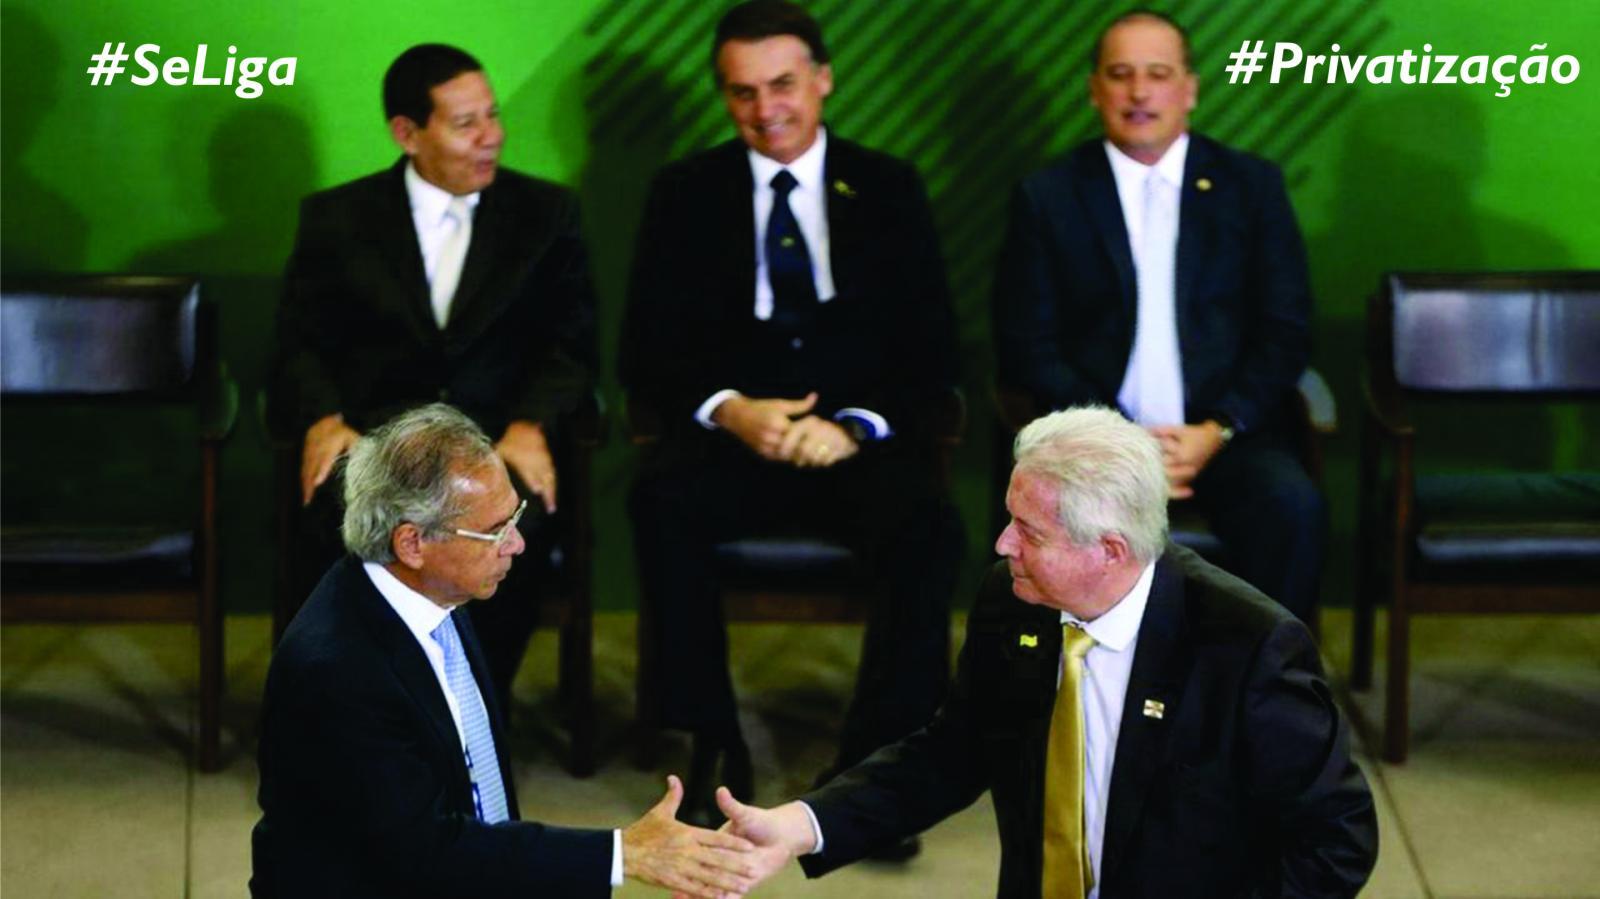 Para o presidente do Banco do Brasil, privatização é fácil